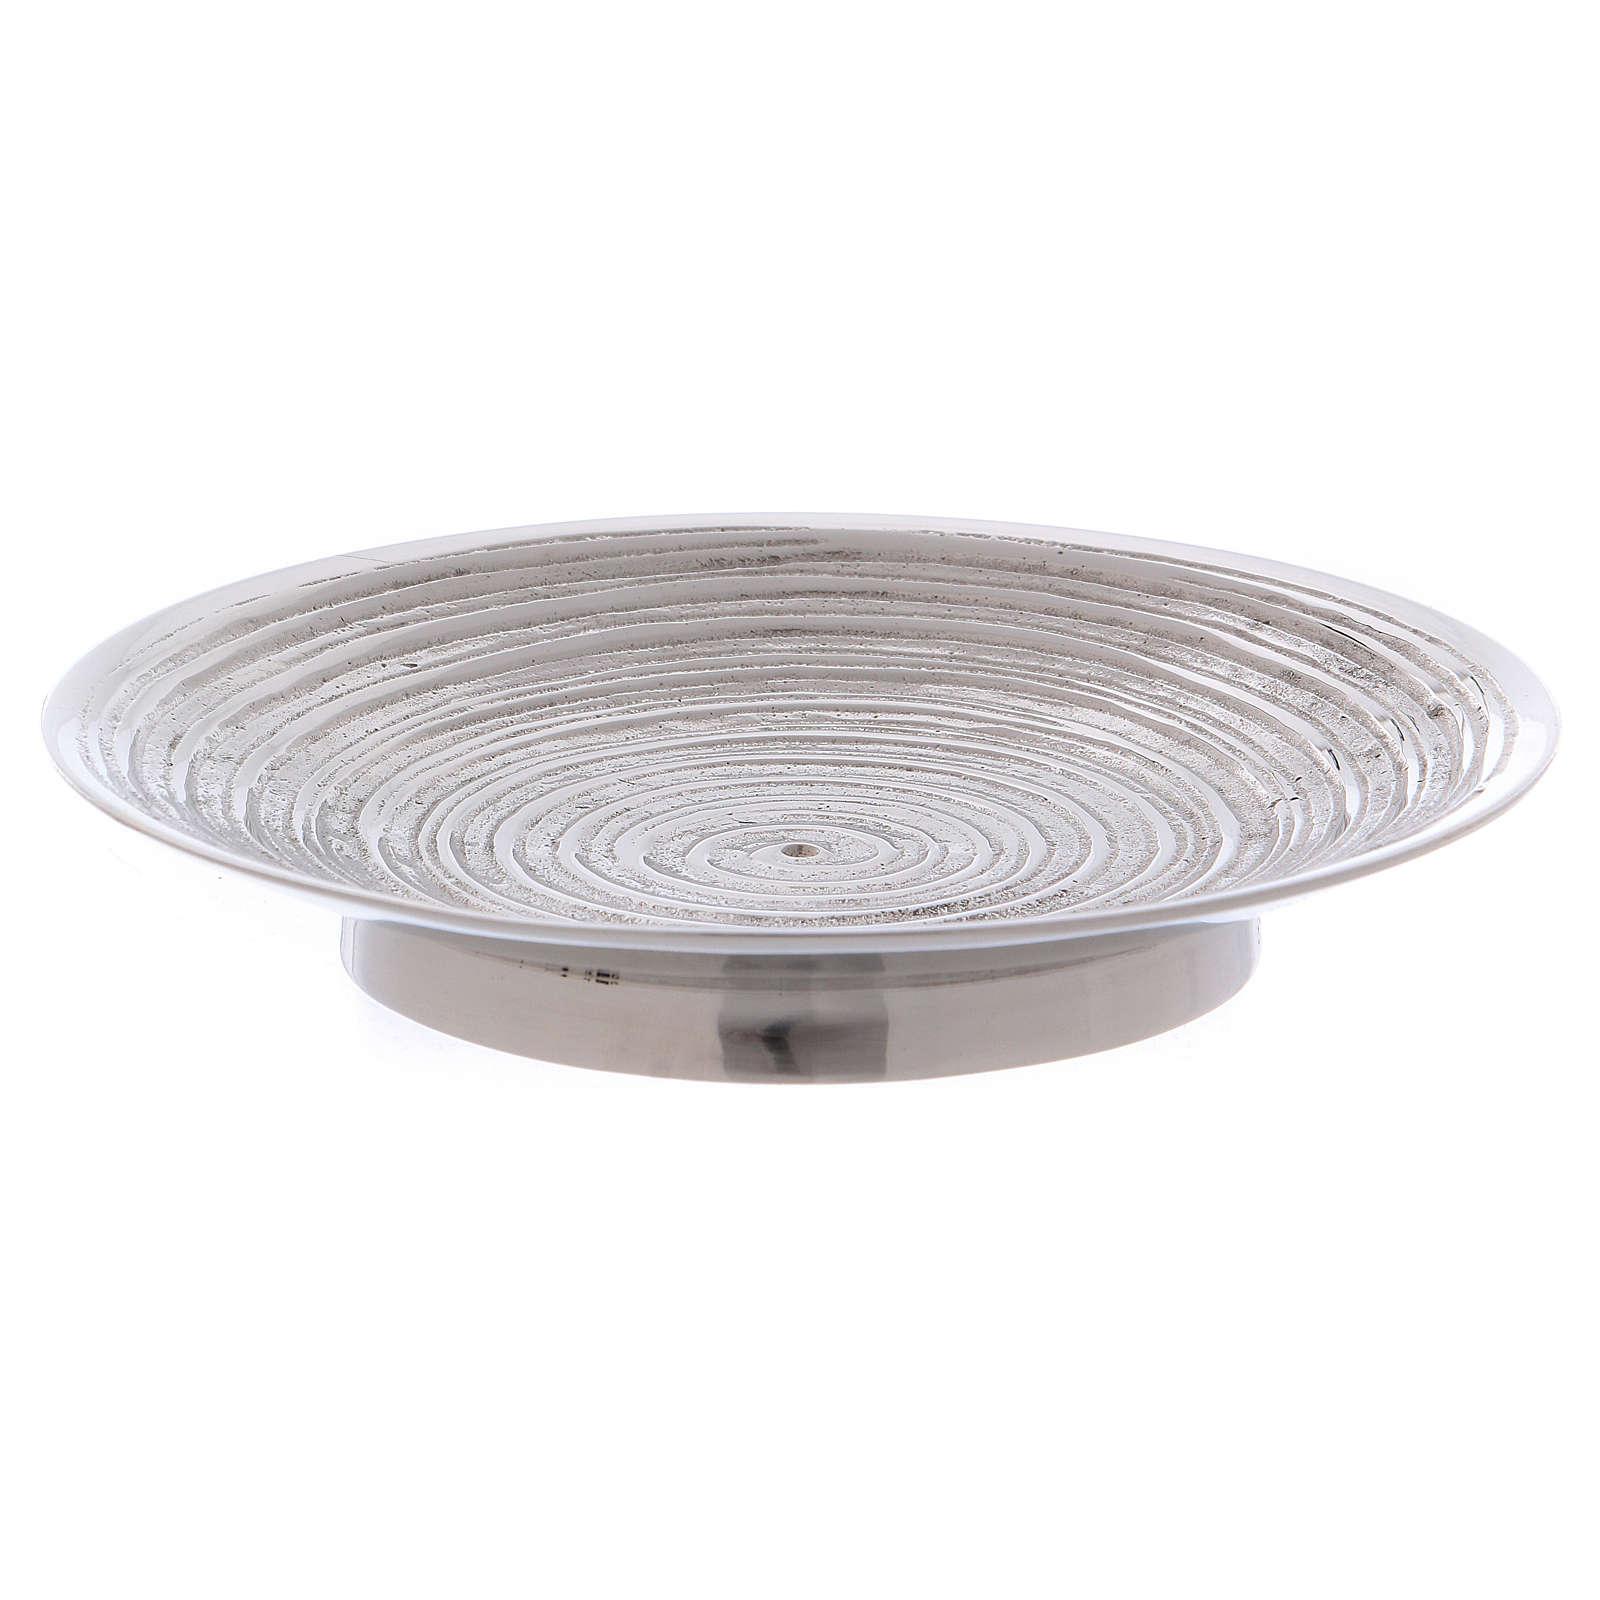 Piatto portacandele ottone nichelato spirale 11,5 cm 4